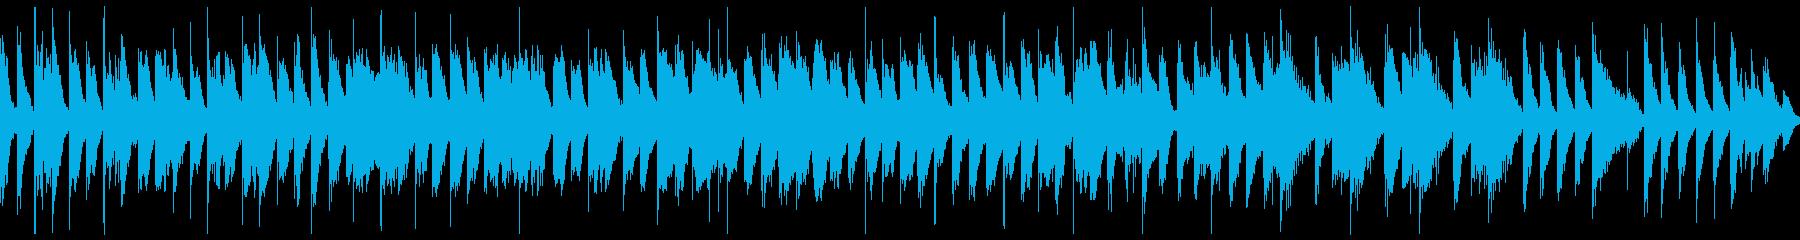 【ループ再生】かわいい・楽しい・BGMの再生済みの波形